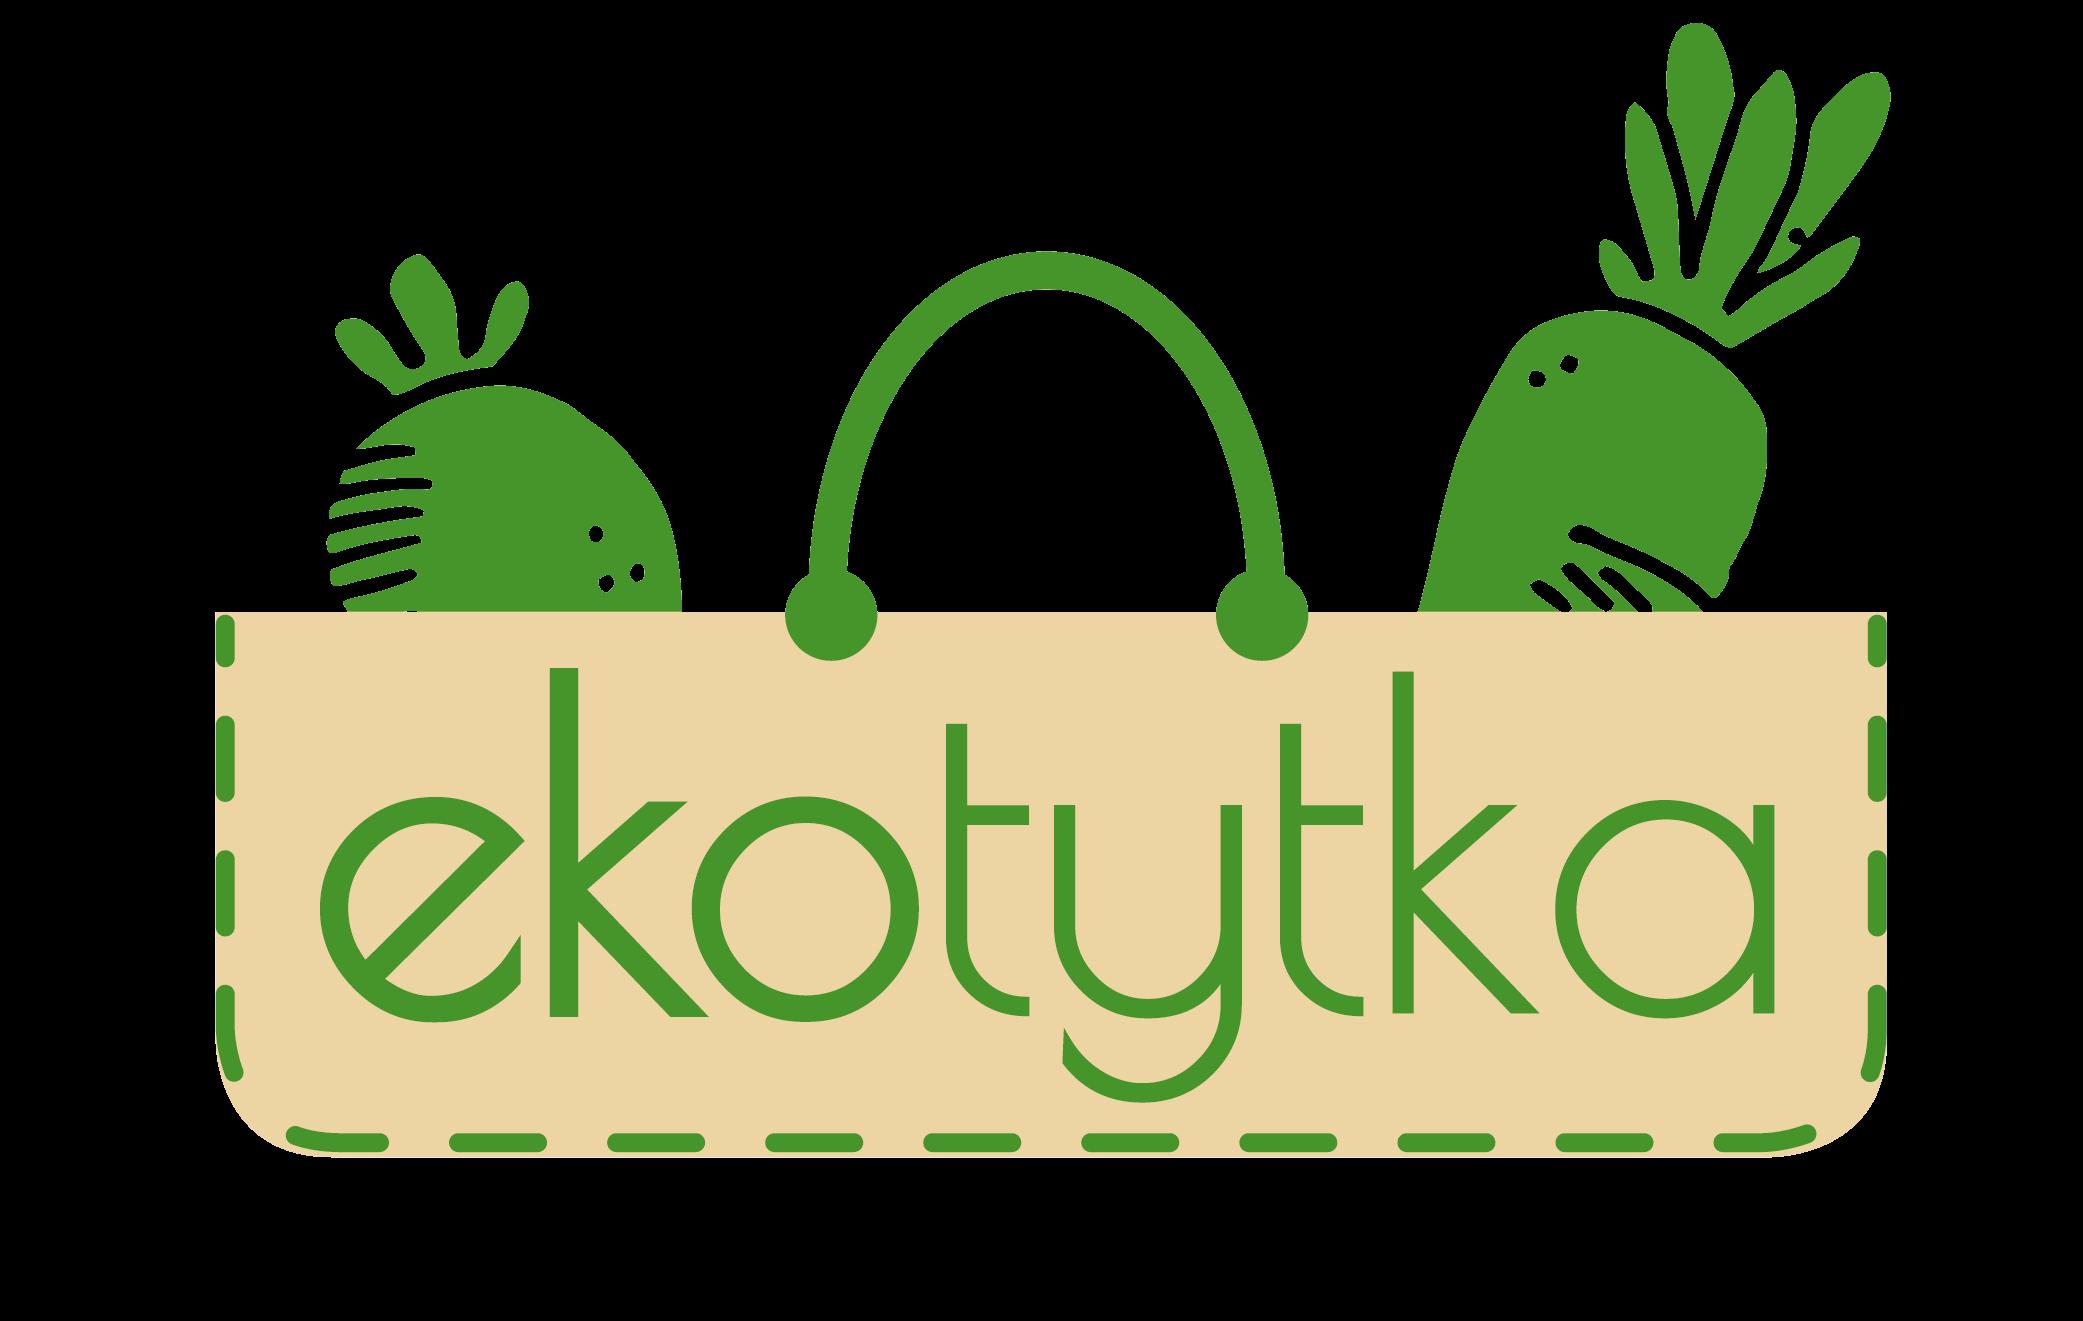 Eko-tytka logo